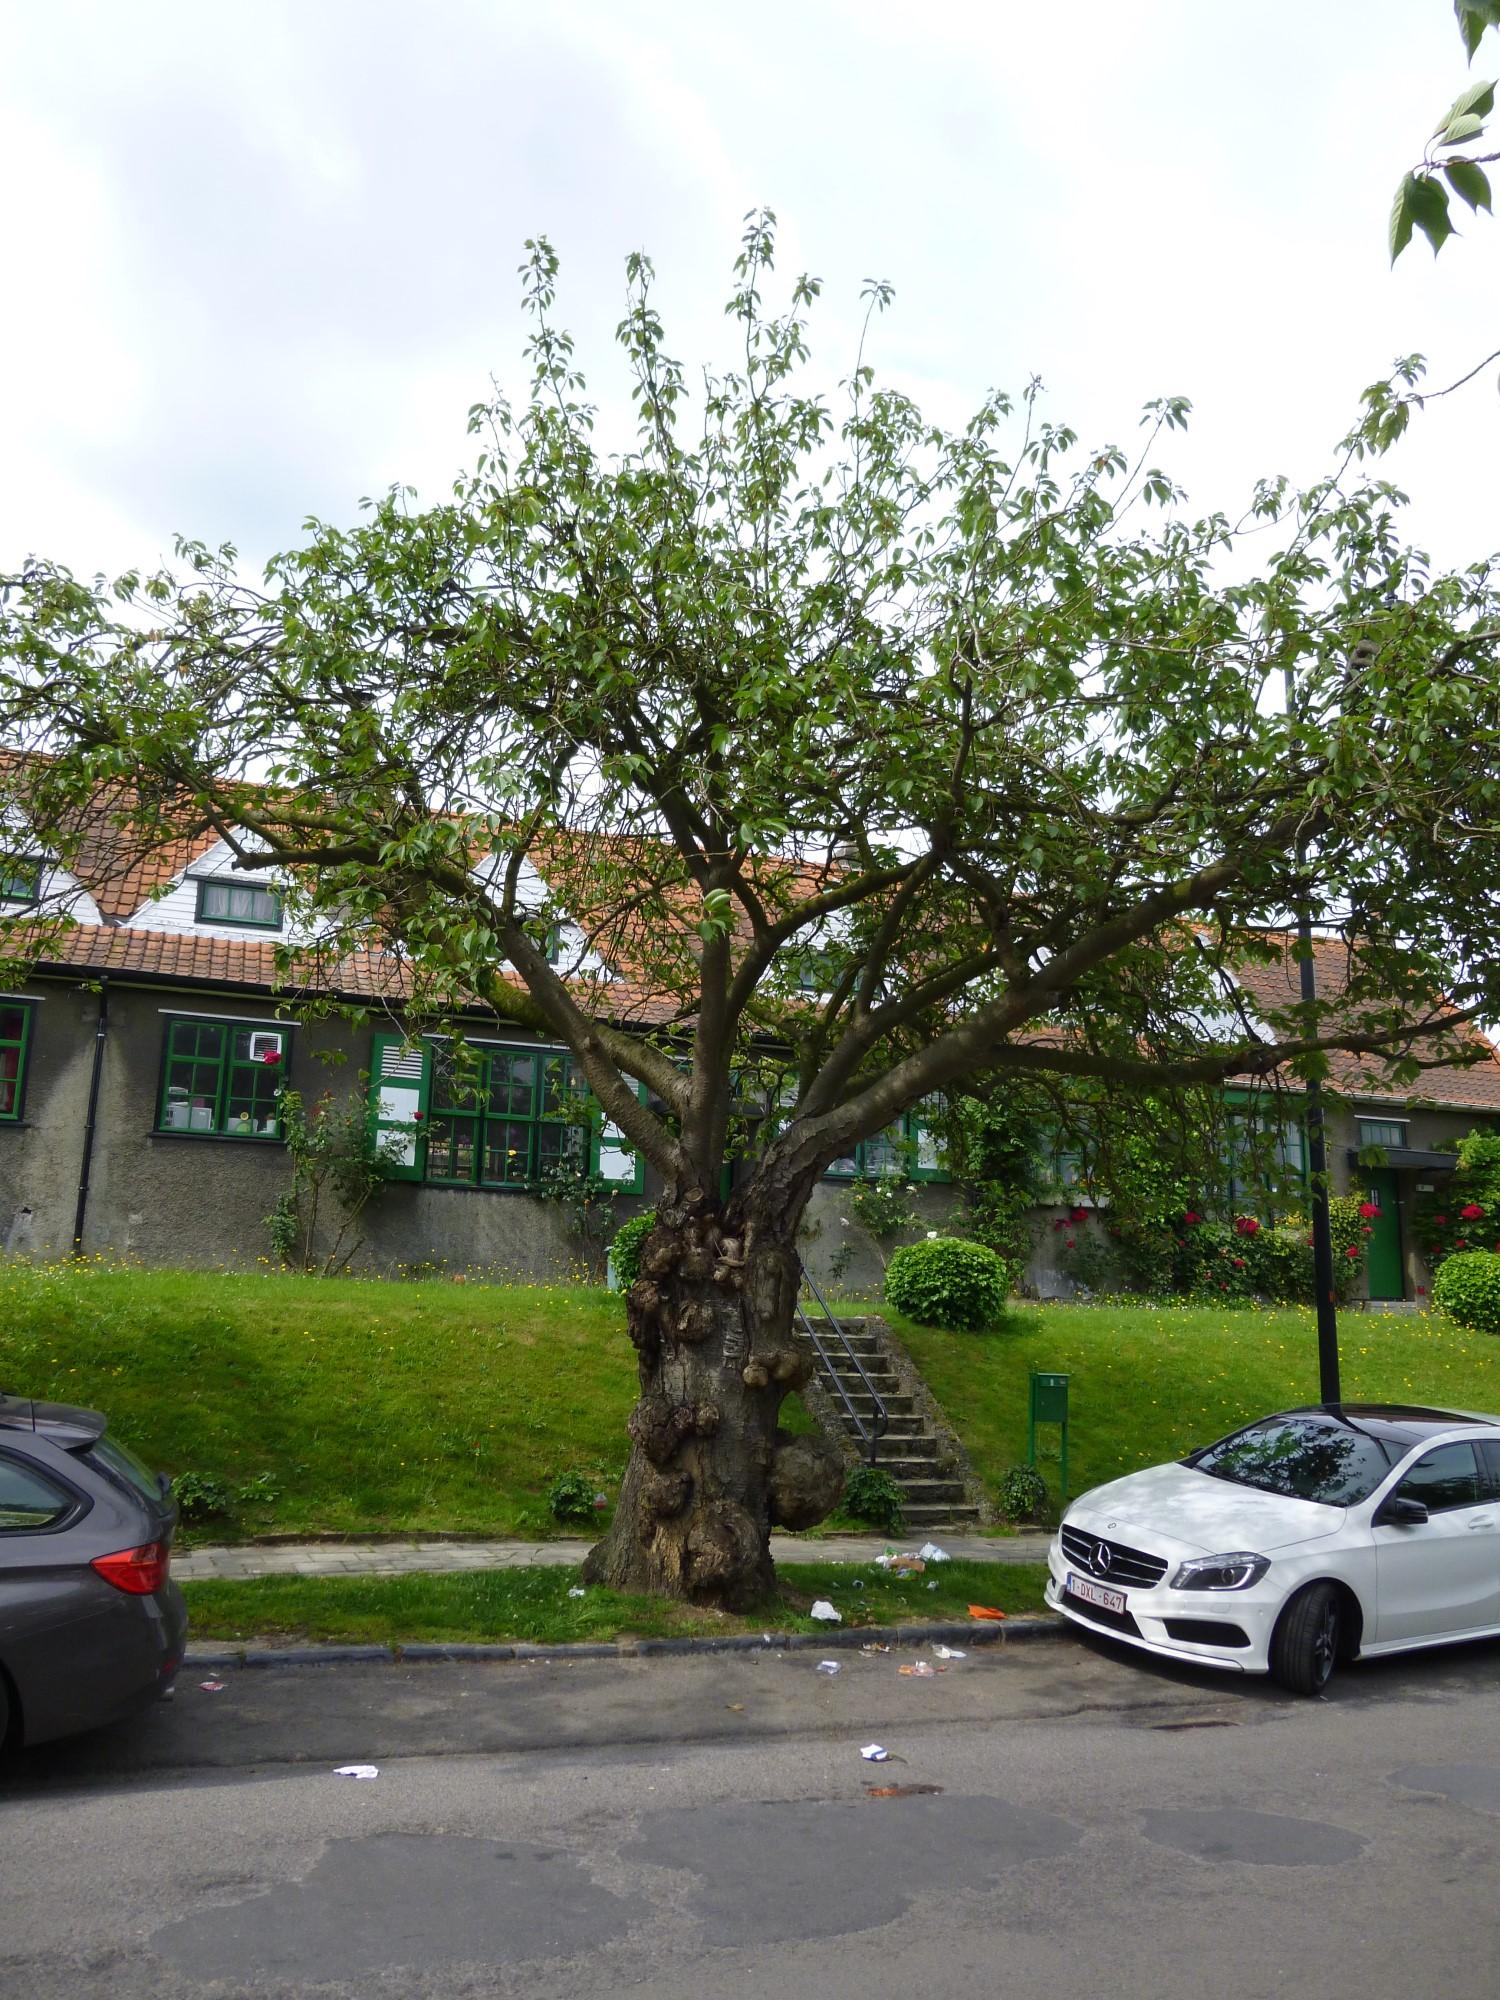 Cerisier du Japon – Watermael-Boitsfort, Cités-Jardin Le Logis et Floréal, Avenue des Archiducs, 30 –  13 Juin 2014